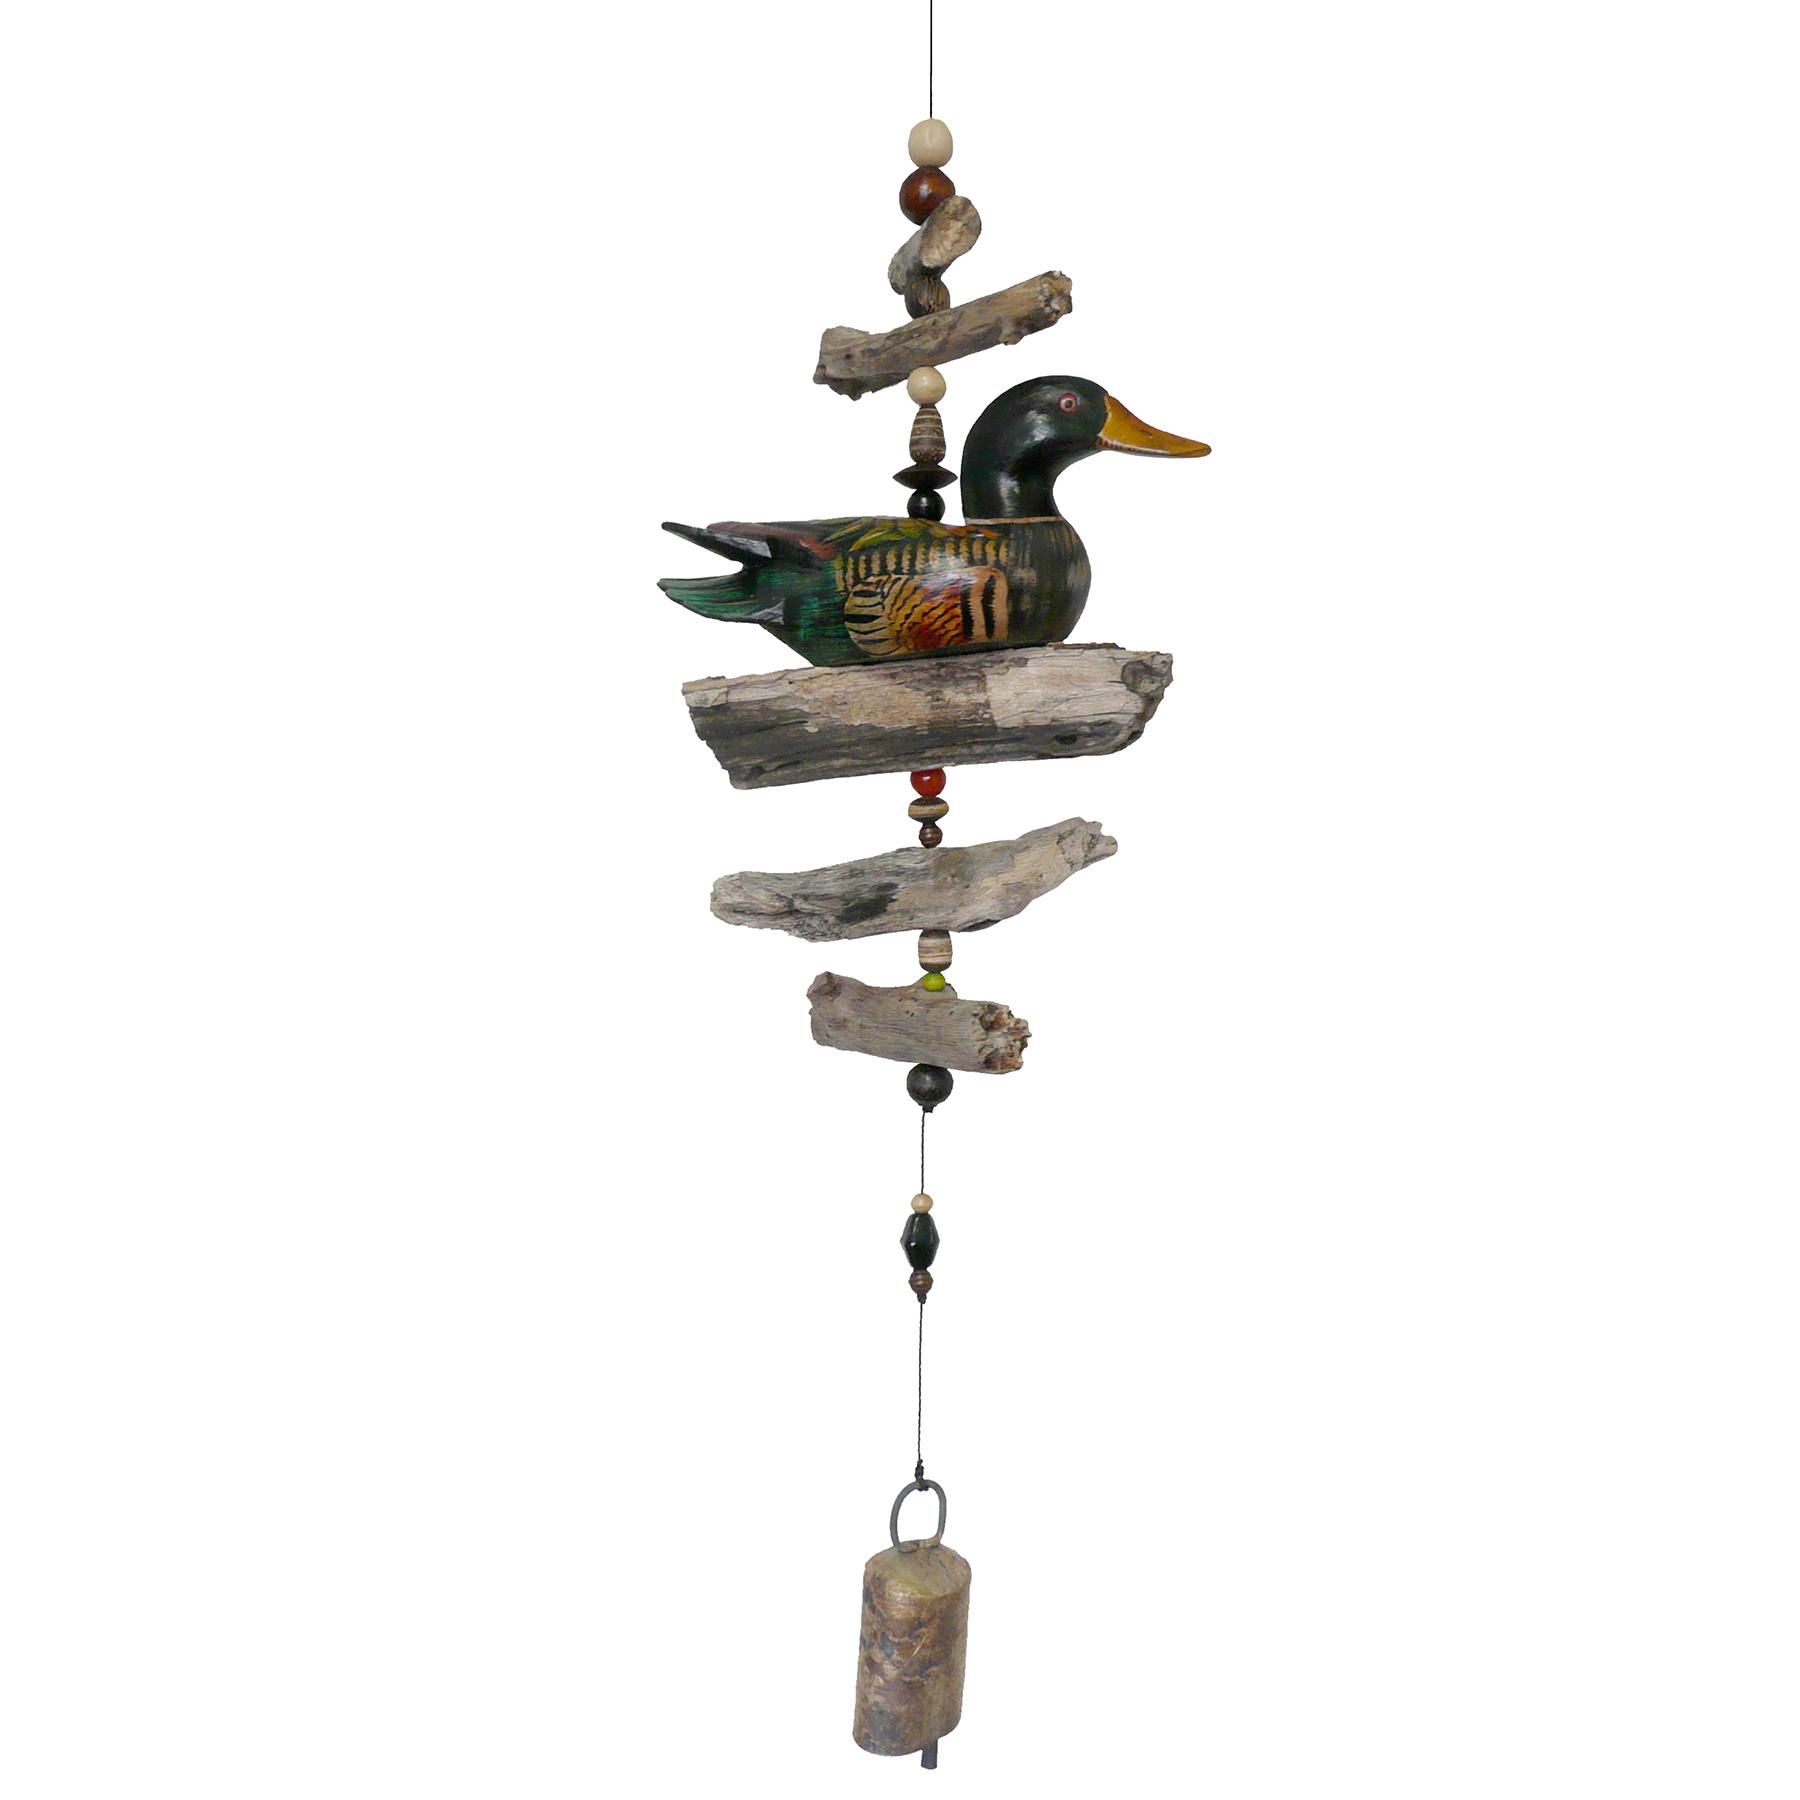 556 - Mallard Duck Cohasset Bell